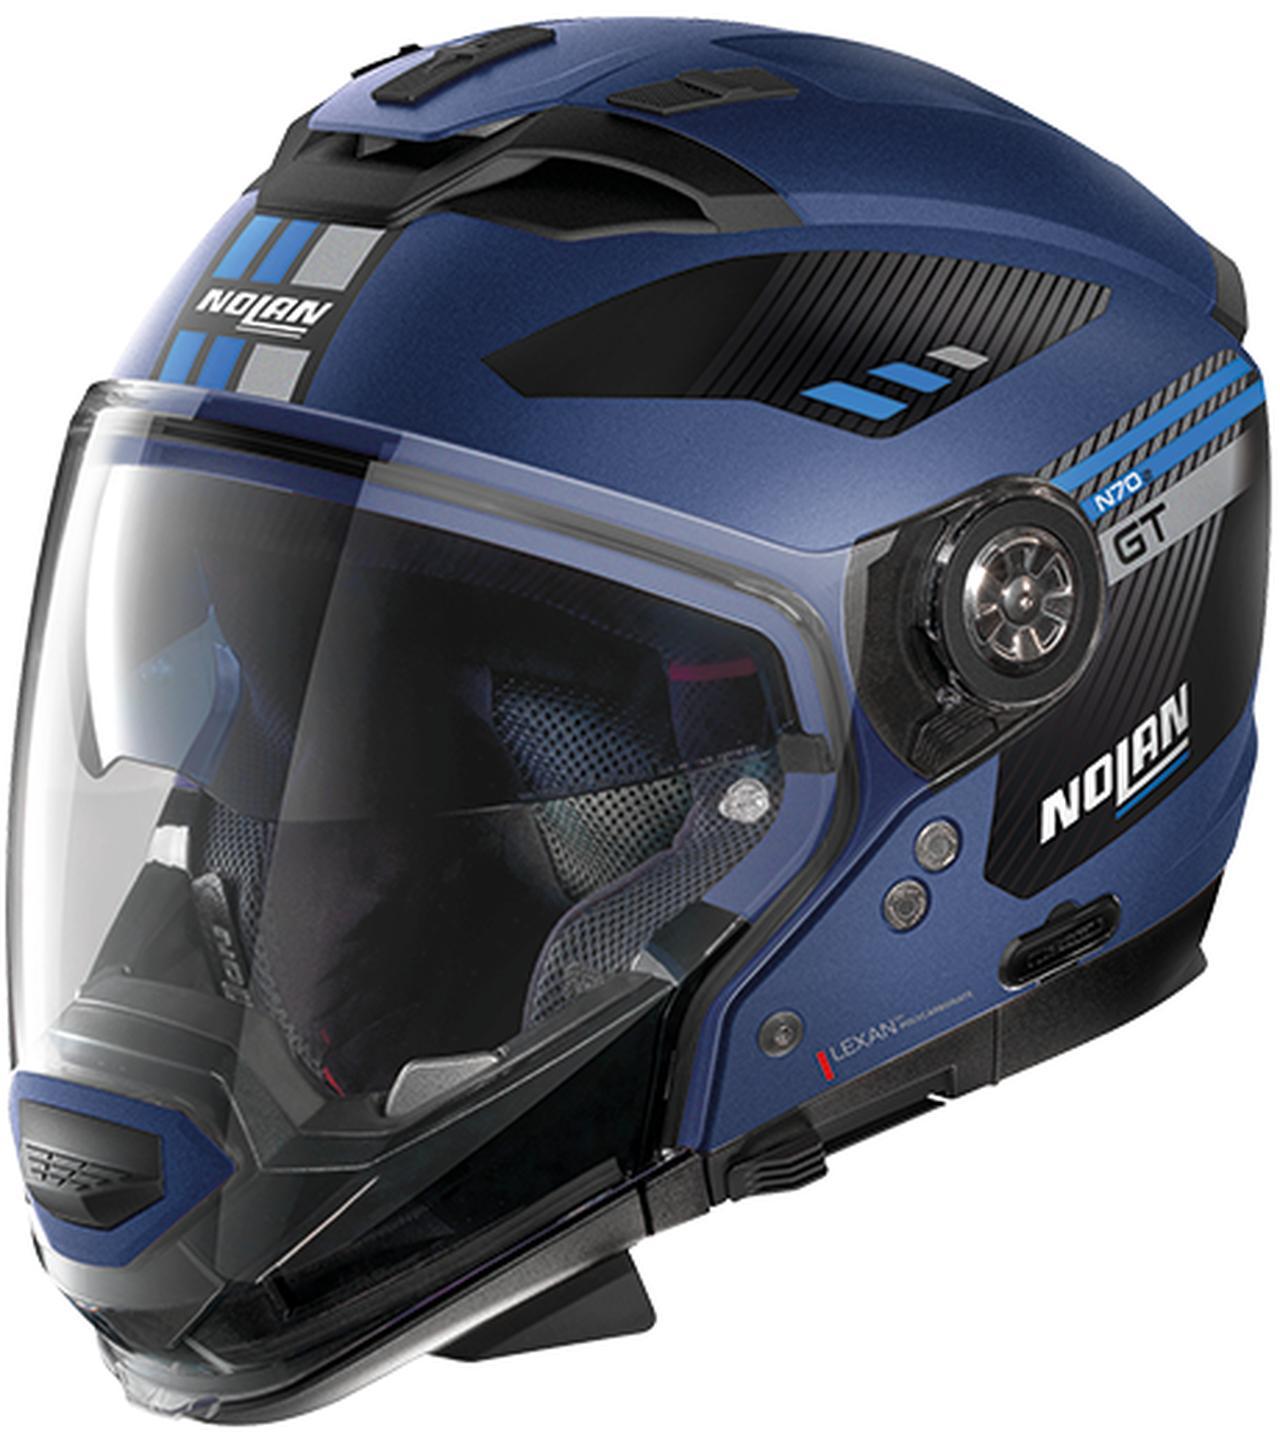 画像5: ジェットタイプにもモトクロススタイルにも変更できるNOLANのクロスオーバーヘルメット「N70-2GT」が新登場!